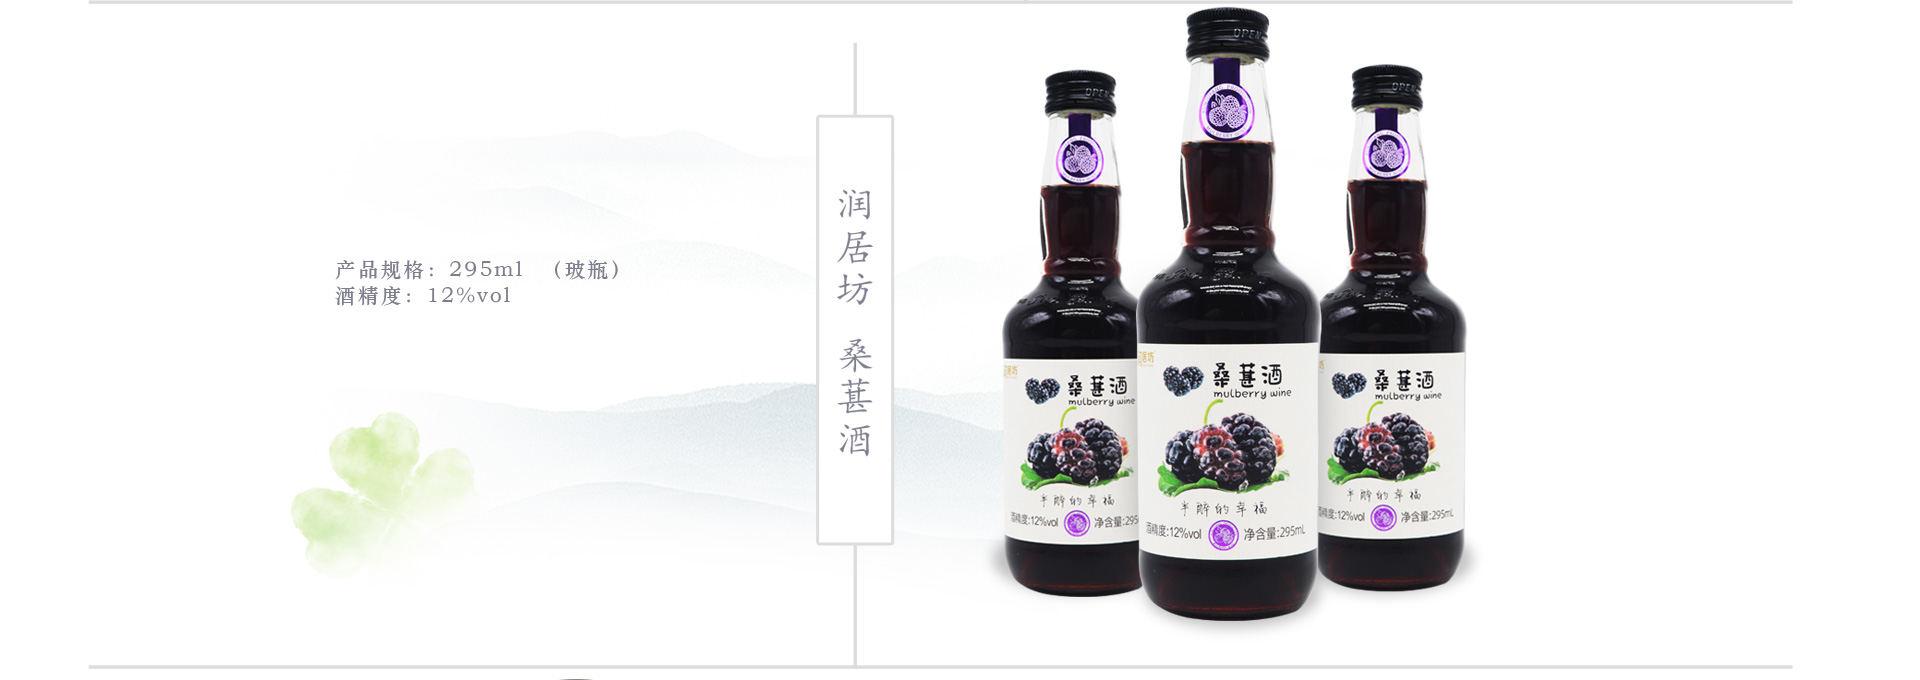 万博体育官方下载果酒